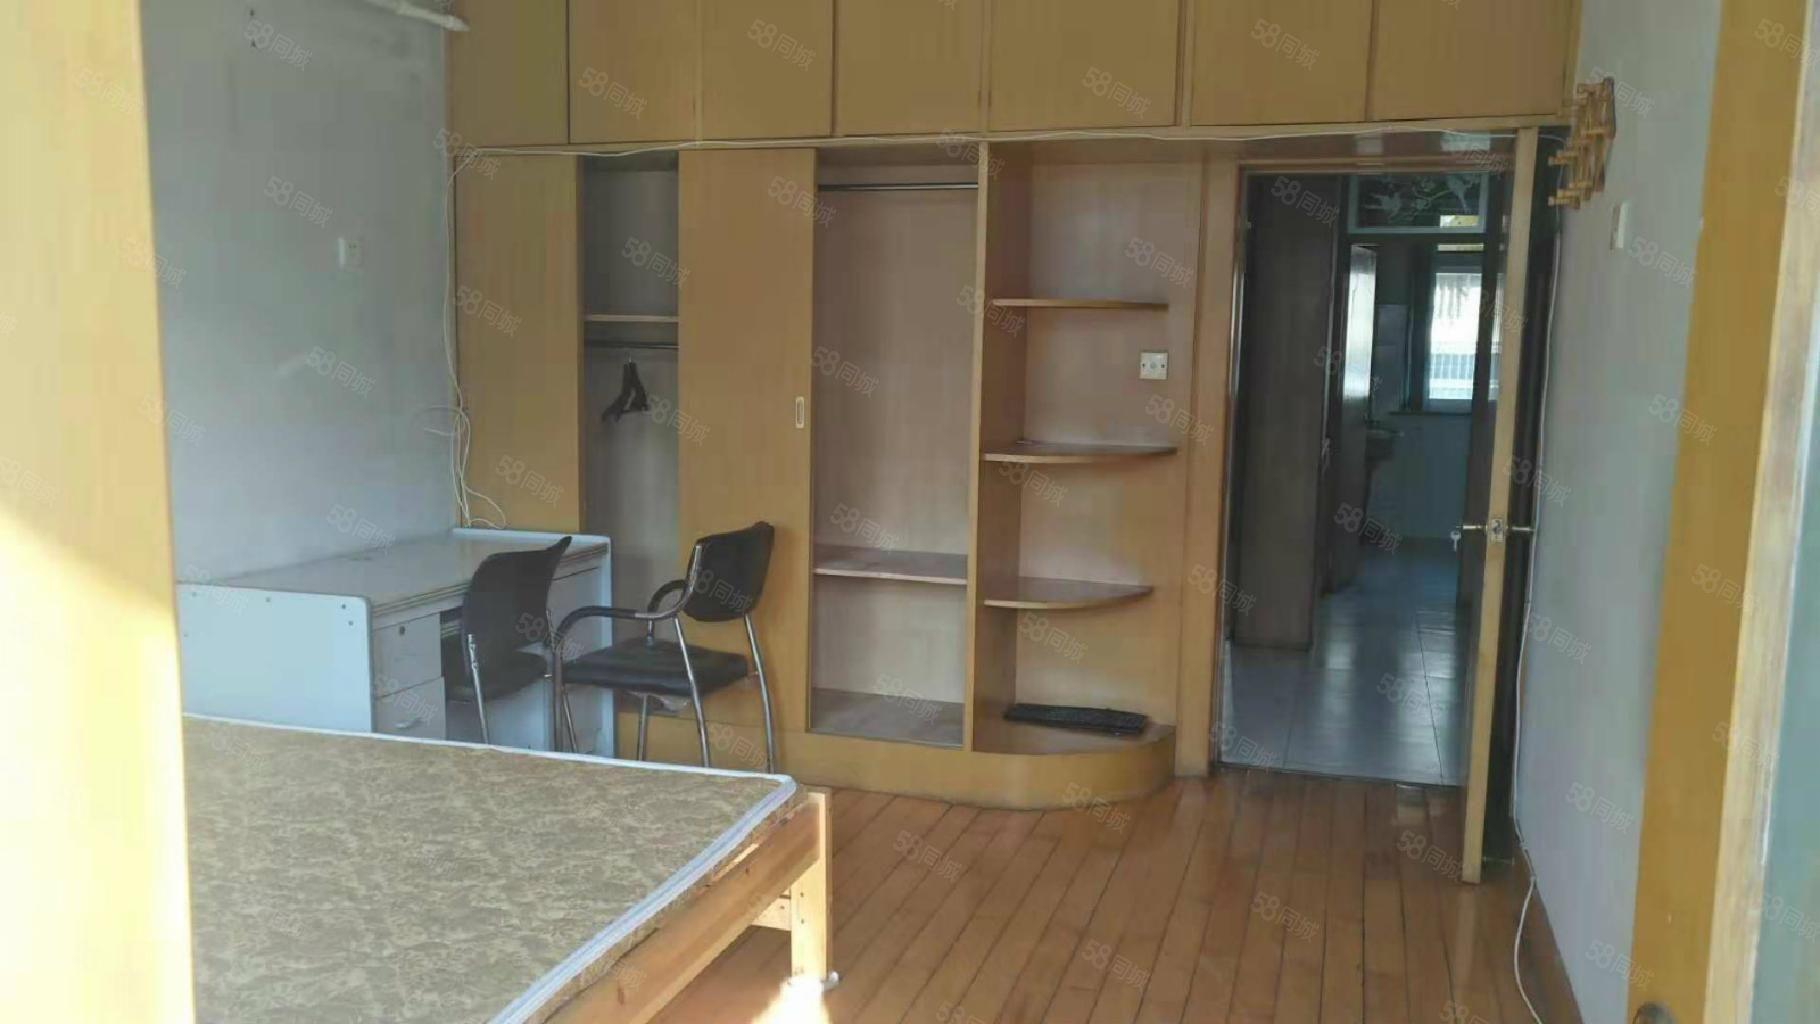 文化路电缆厂宿舍泰中、外国语、迎胜附近精装集暖拎包入住